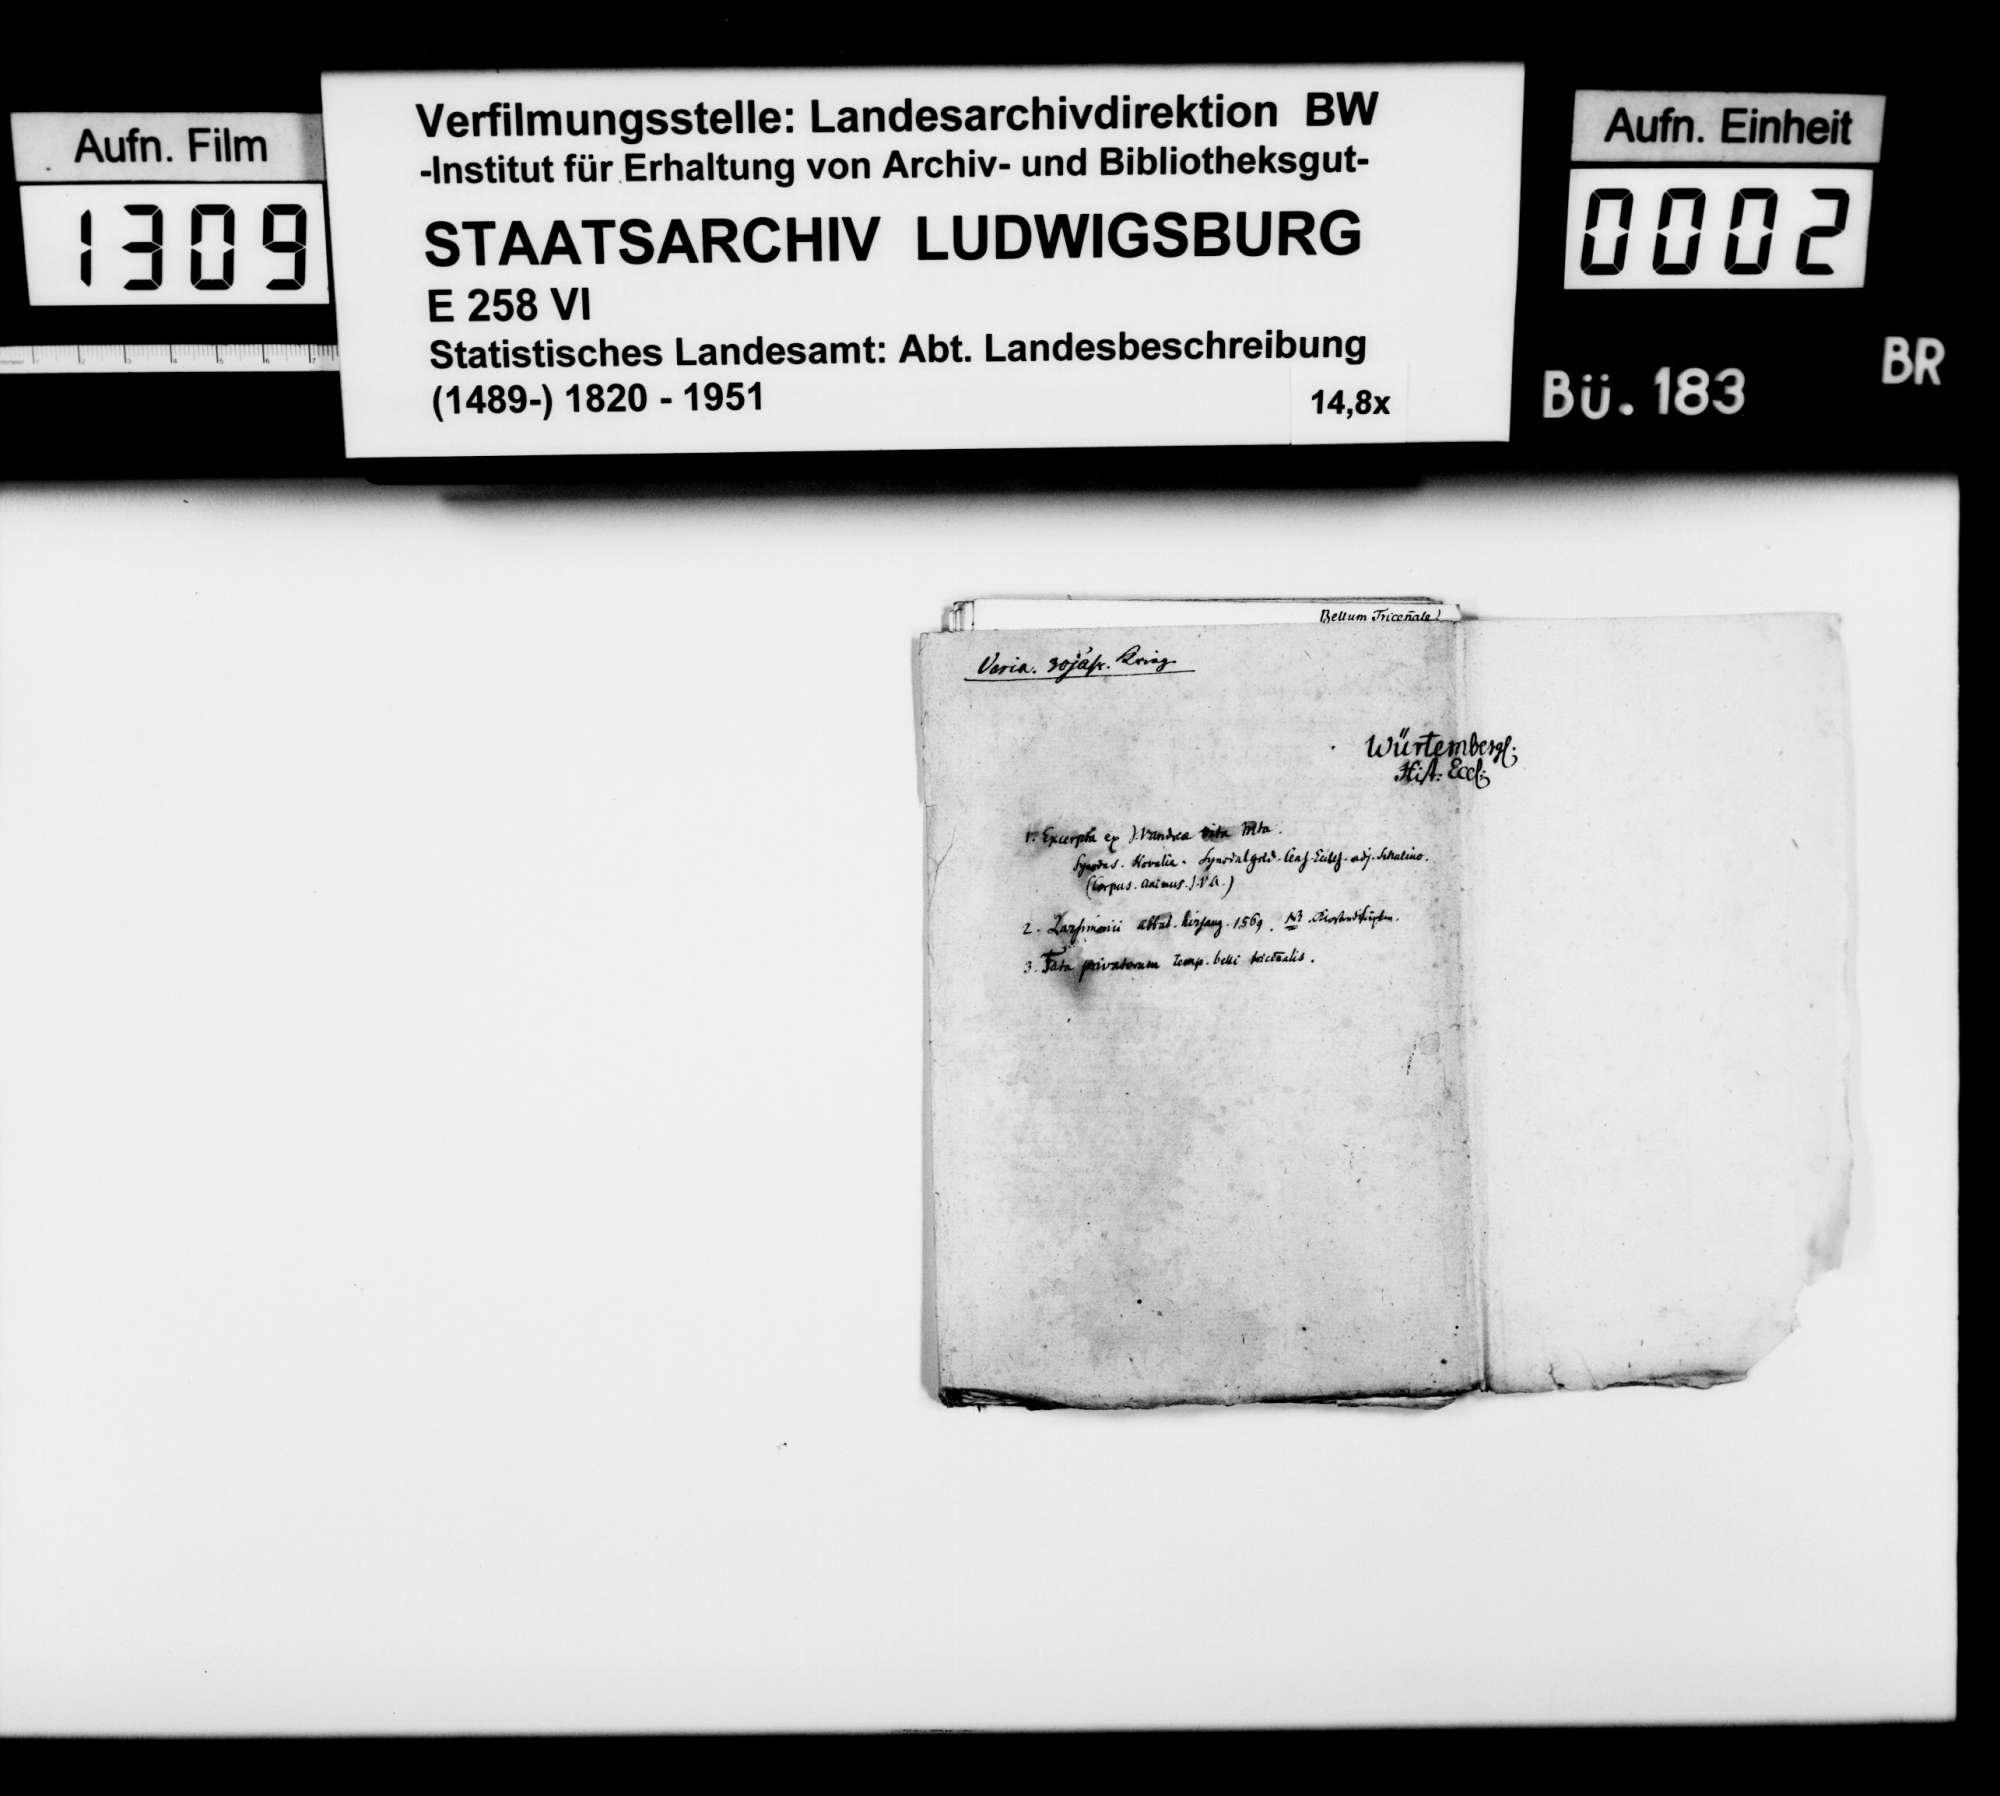 Notizen [des Stuttgarter Gymnasialprofessors Gottlieb Friedrich Rösler] zur württembergischen Geschichte vornehmlich im Dreißigjährigen Krieg; gearbeitet aus Akten, Leichenpredigten und biographischen Büchern, Bild 1